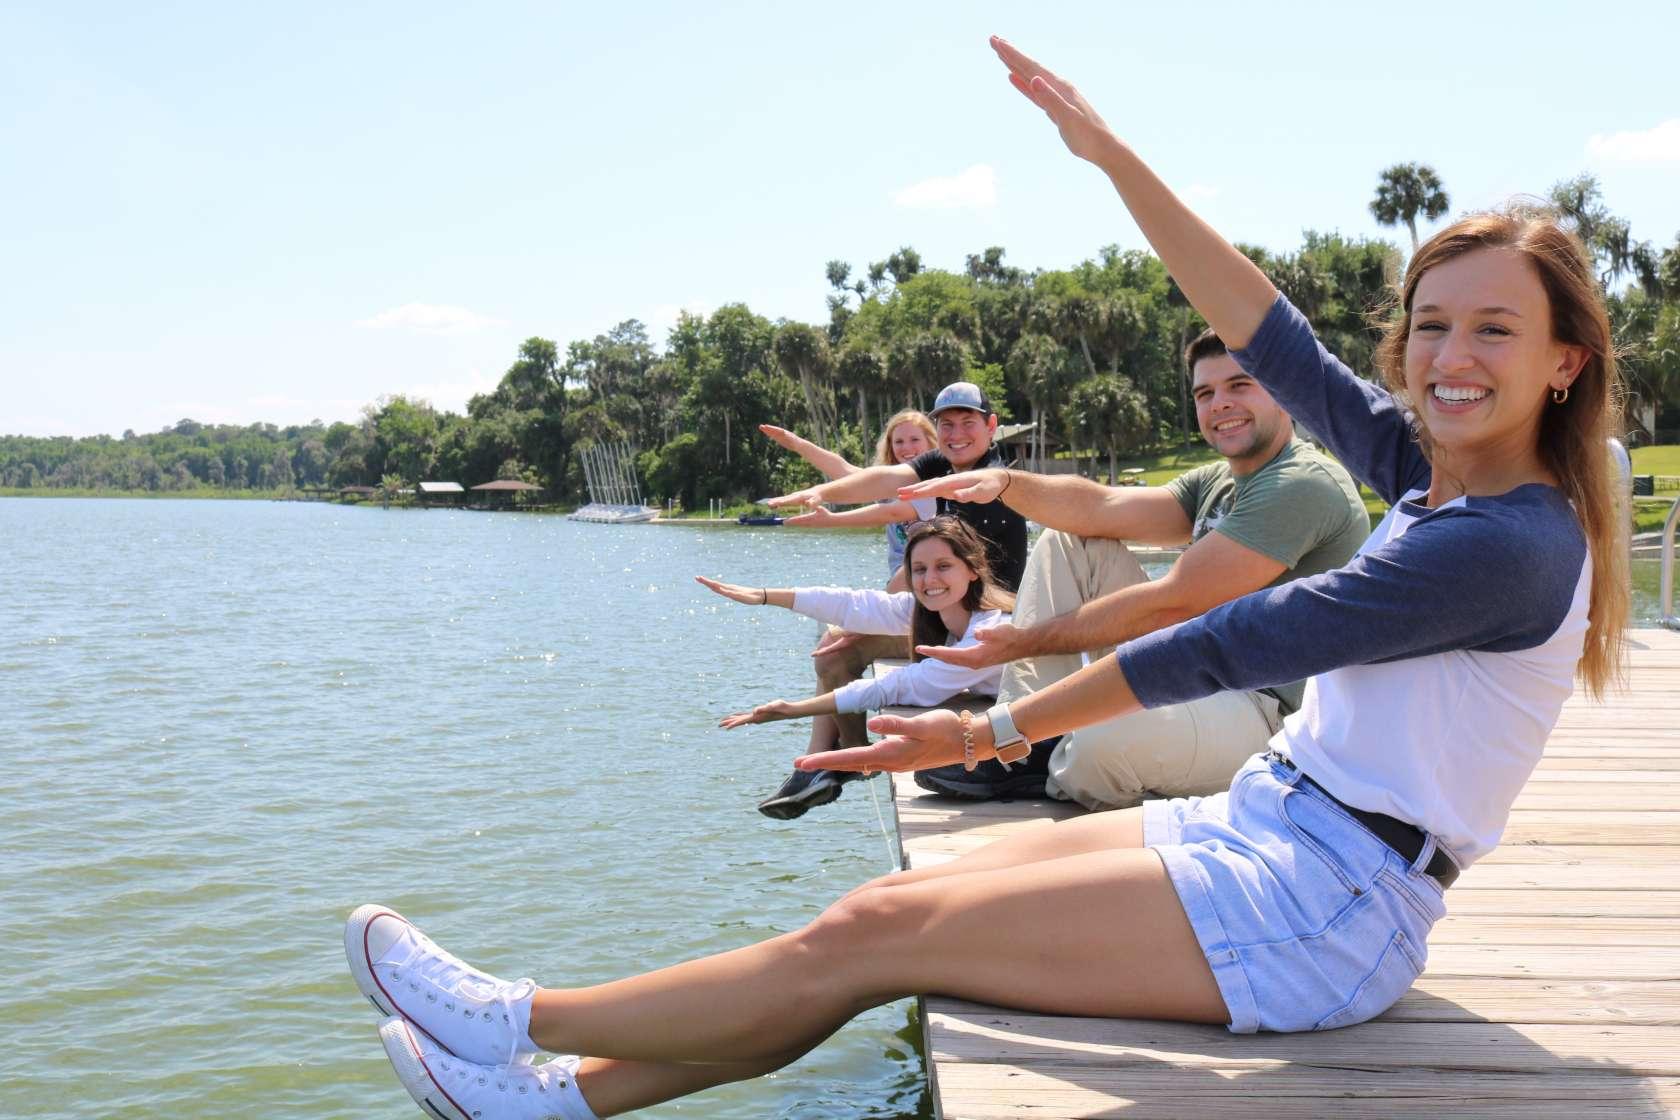 Students at Lake Wauberg